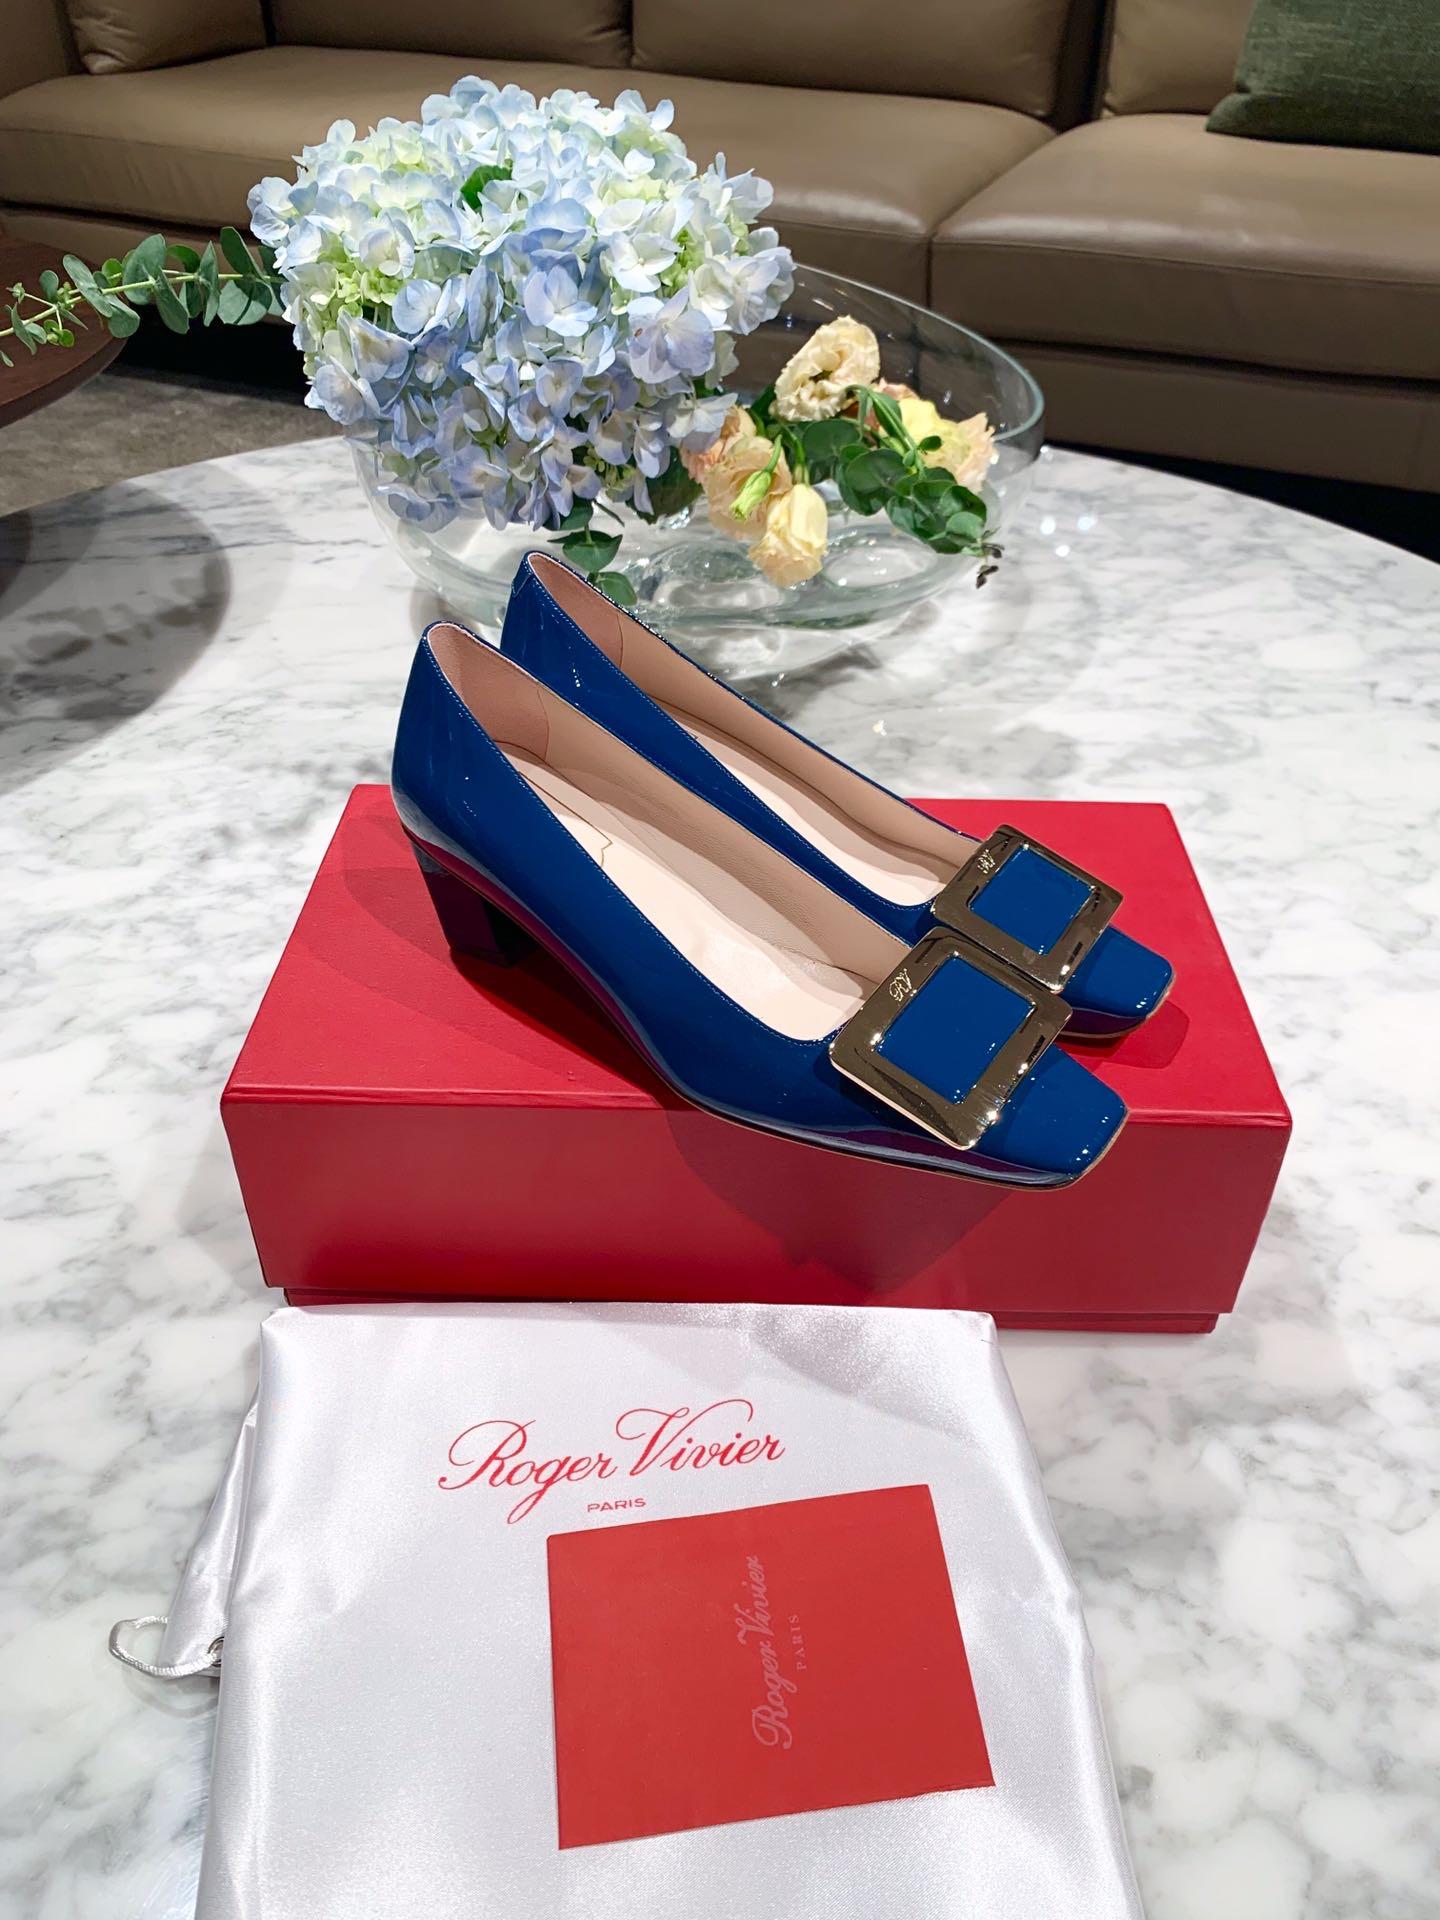 新款rv高跟鞋 roger vivier女鞋官网同款最流行的高跟鞋